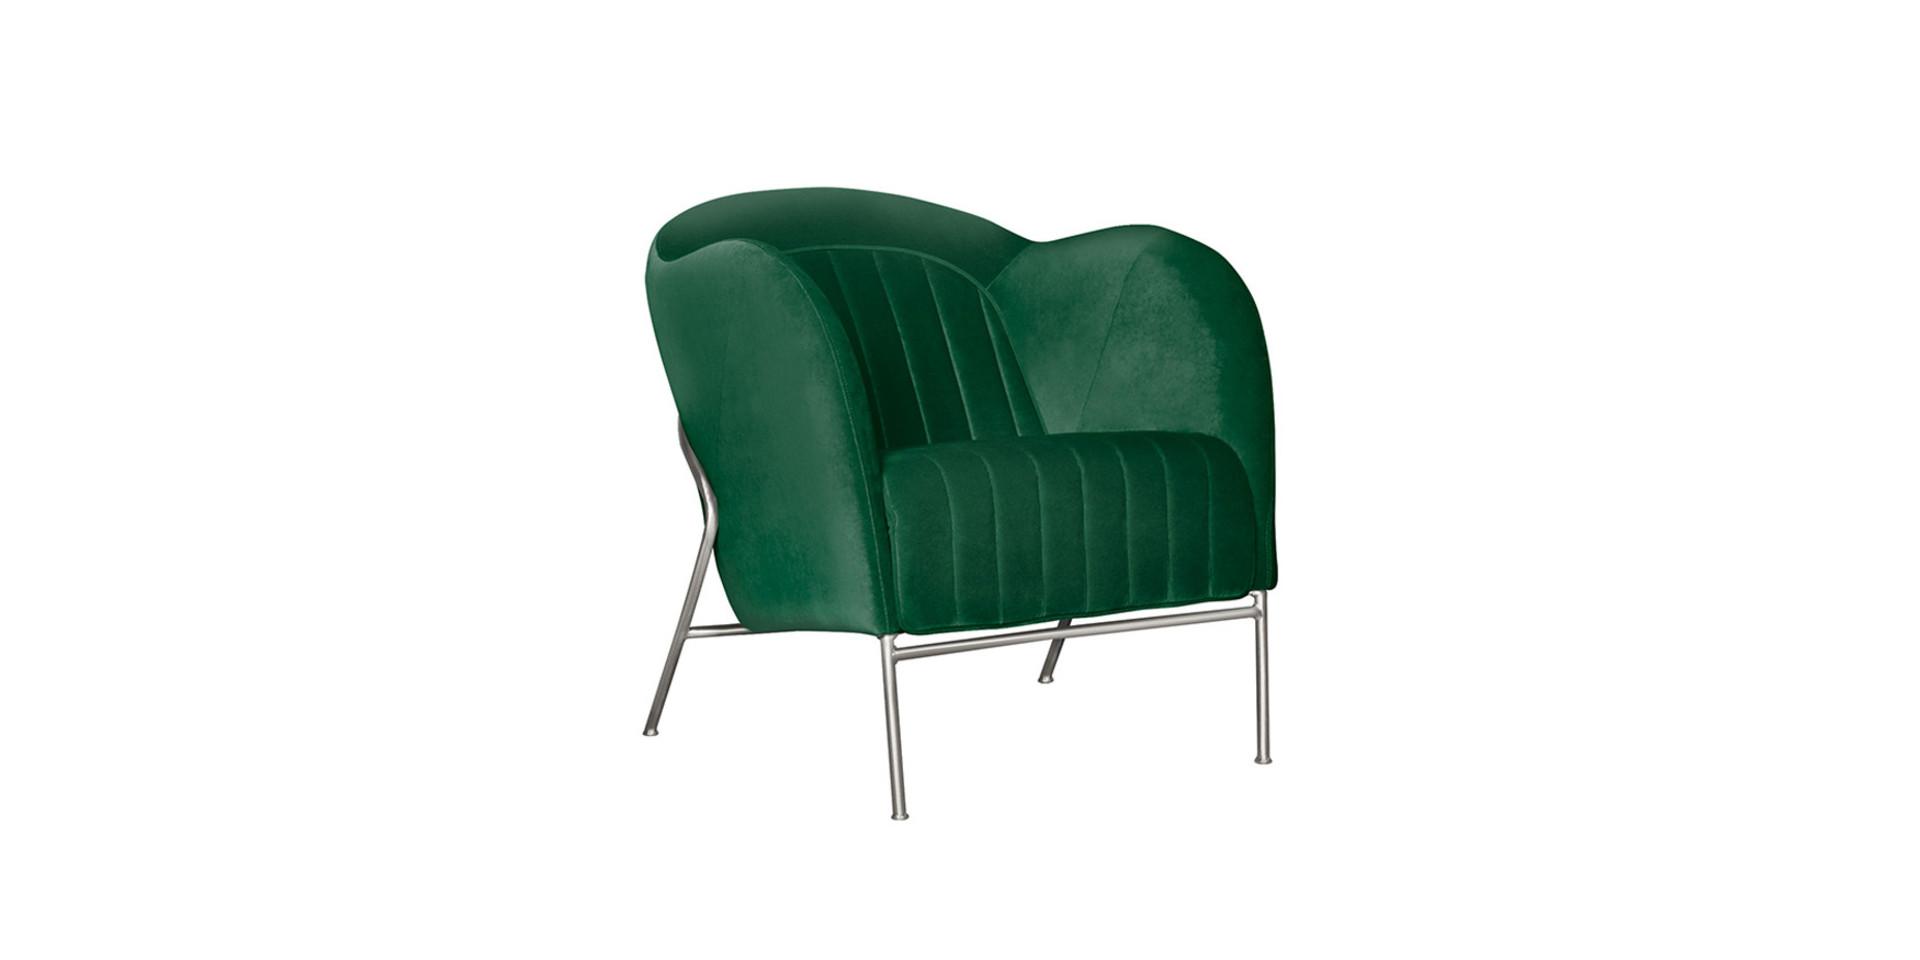 MINI_armchair_classic_velvet15_green_2